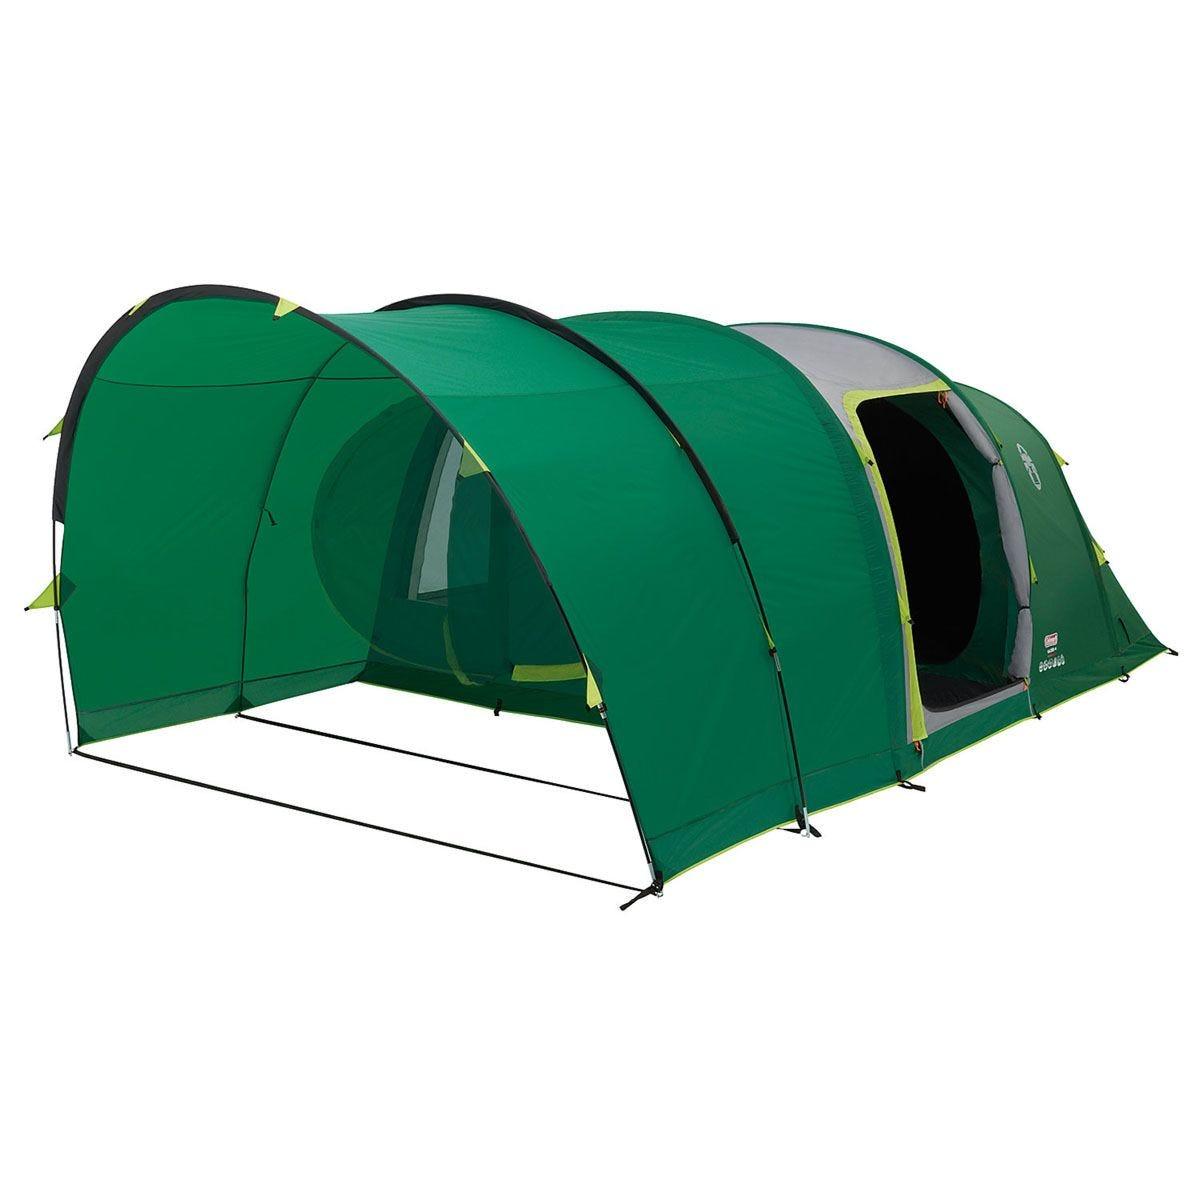 Coleman Valdes 4 Air Tent - Green